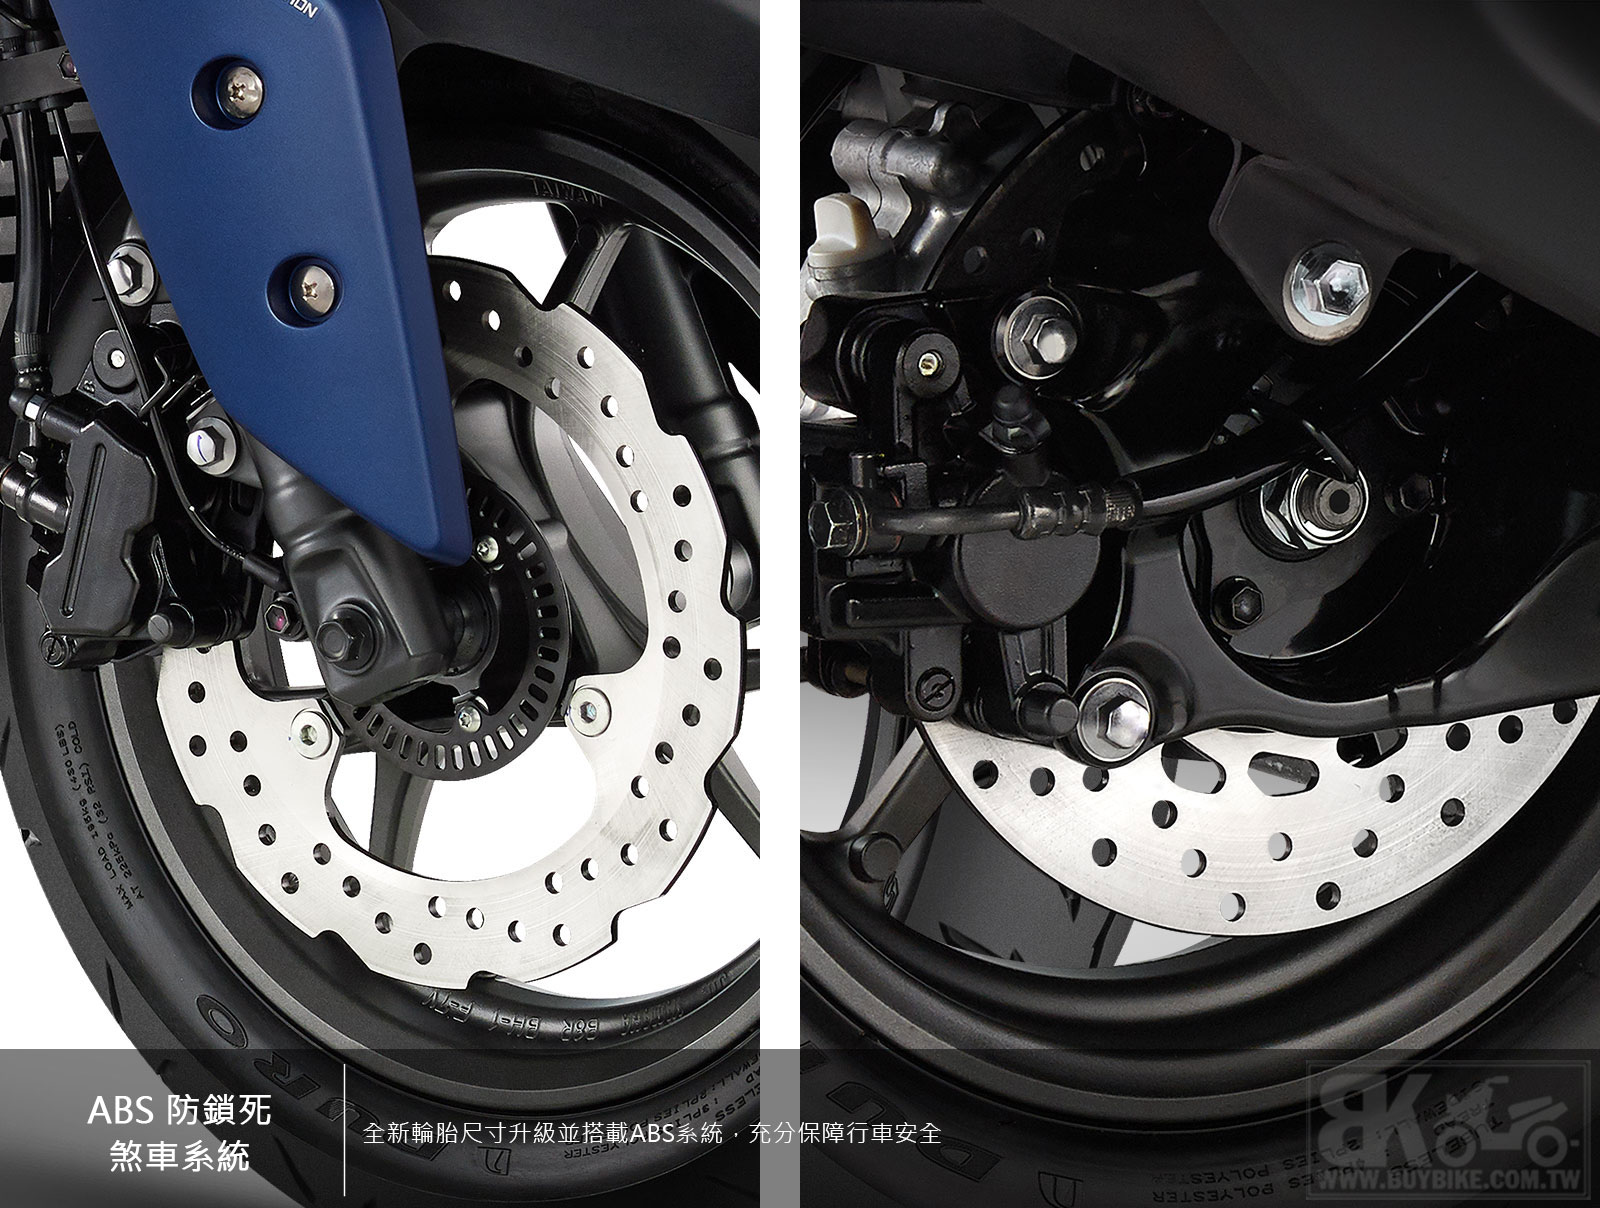 06.ABS-防鎖死煞車系統